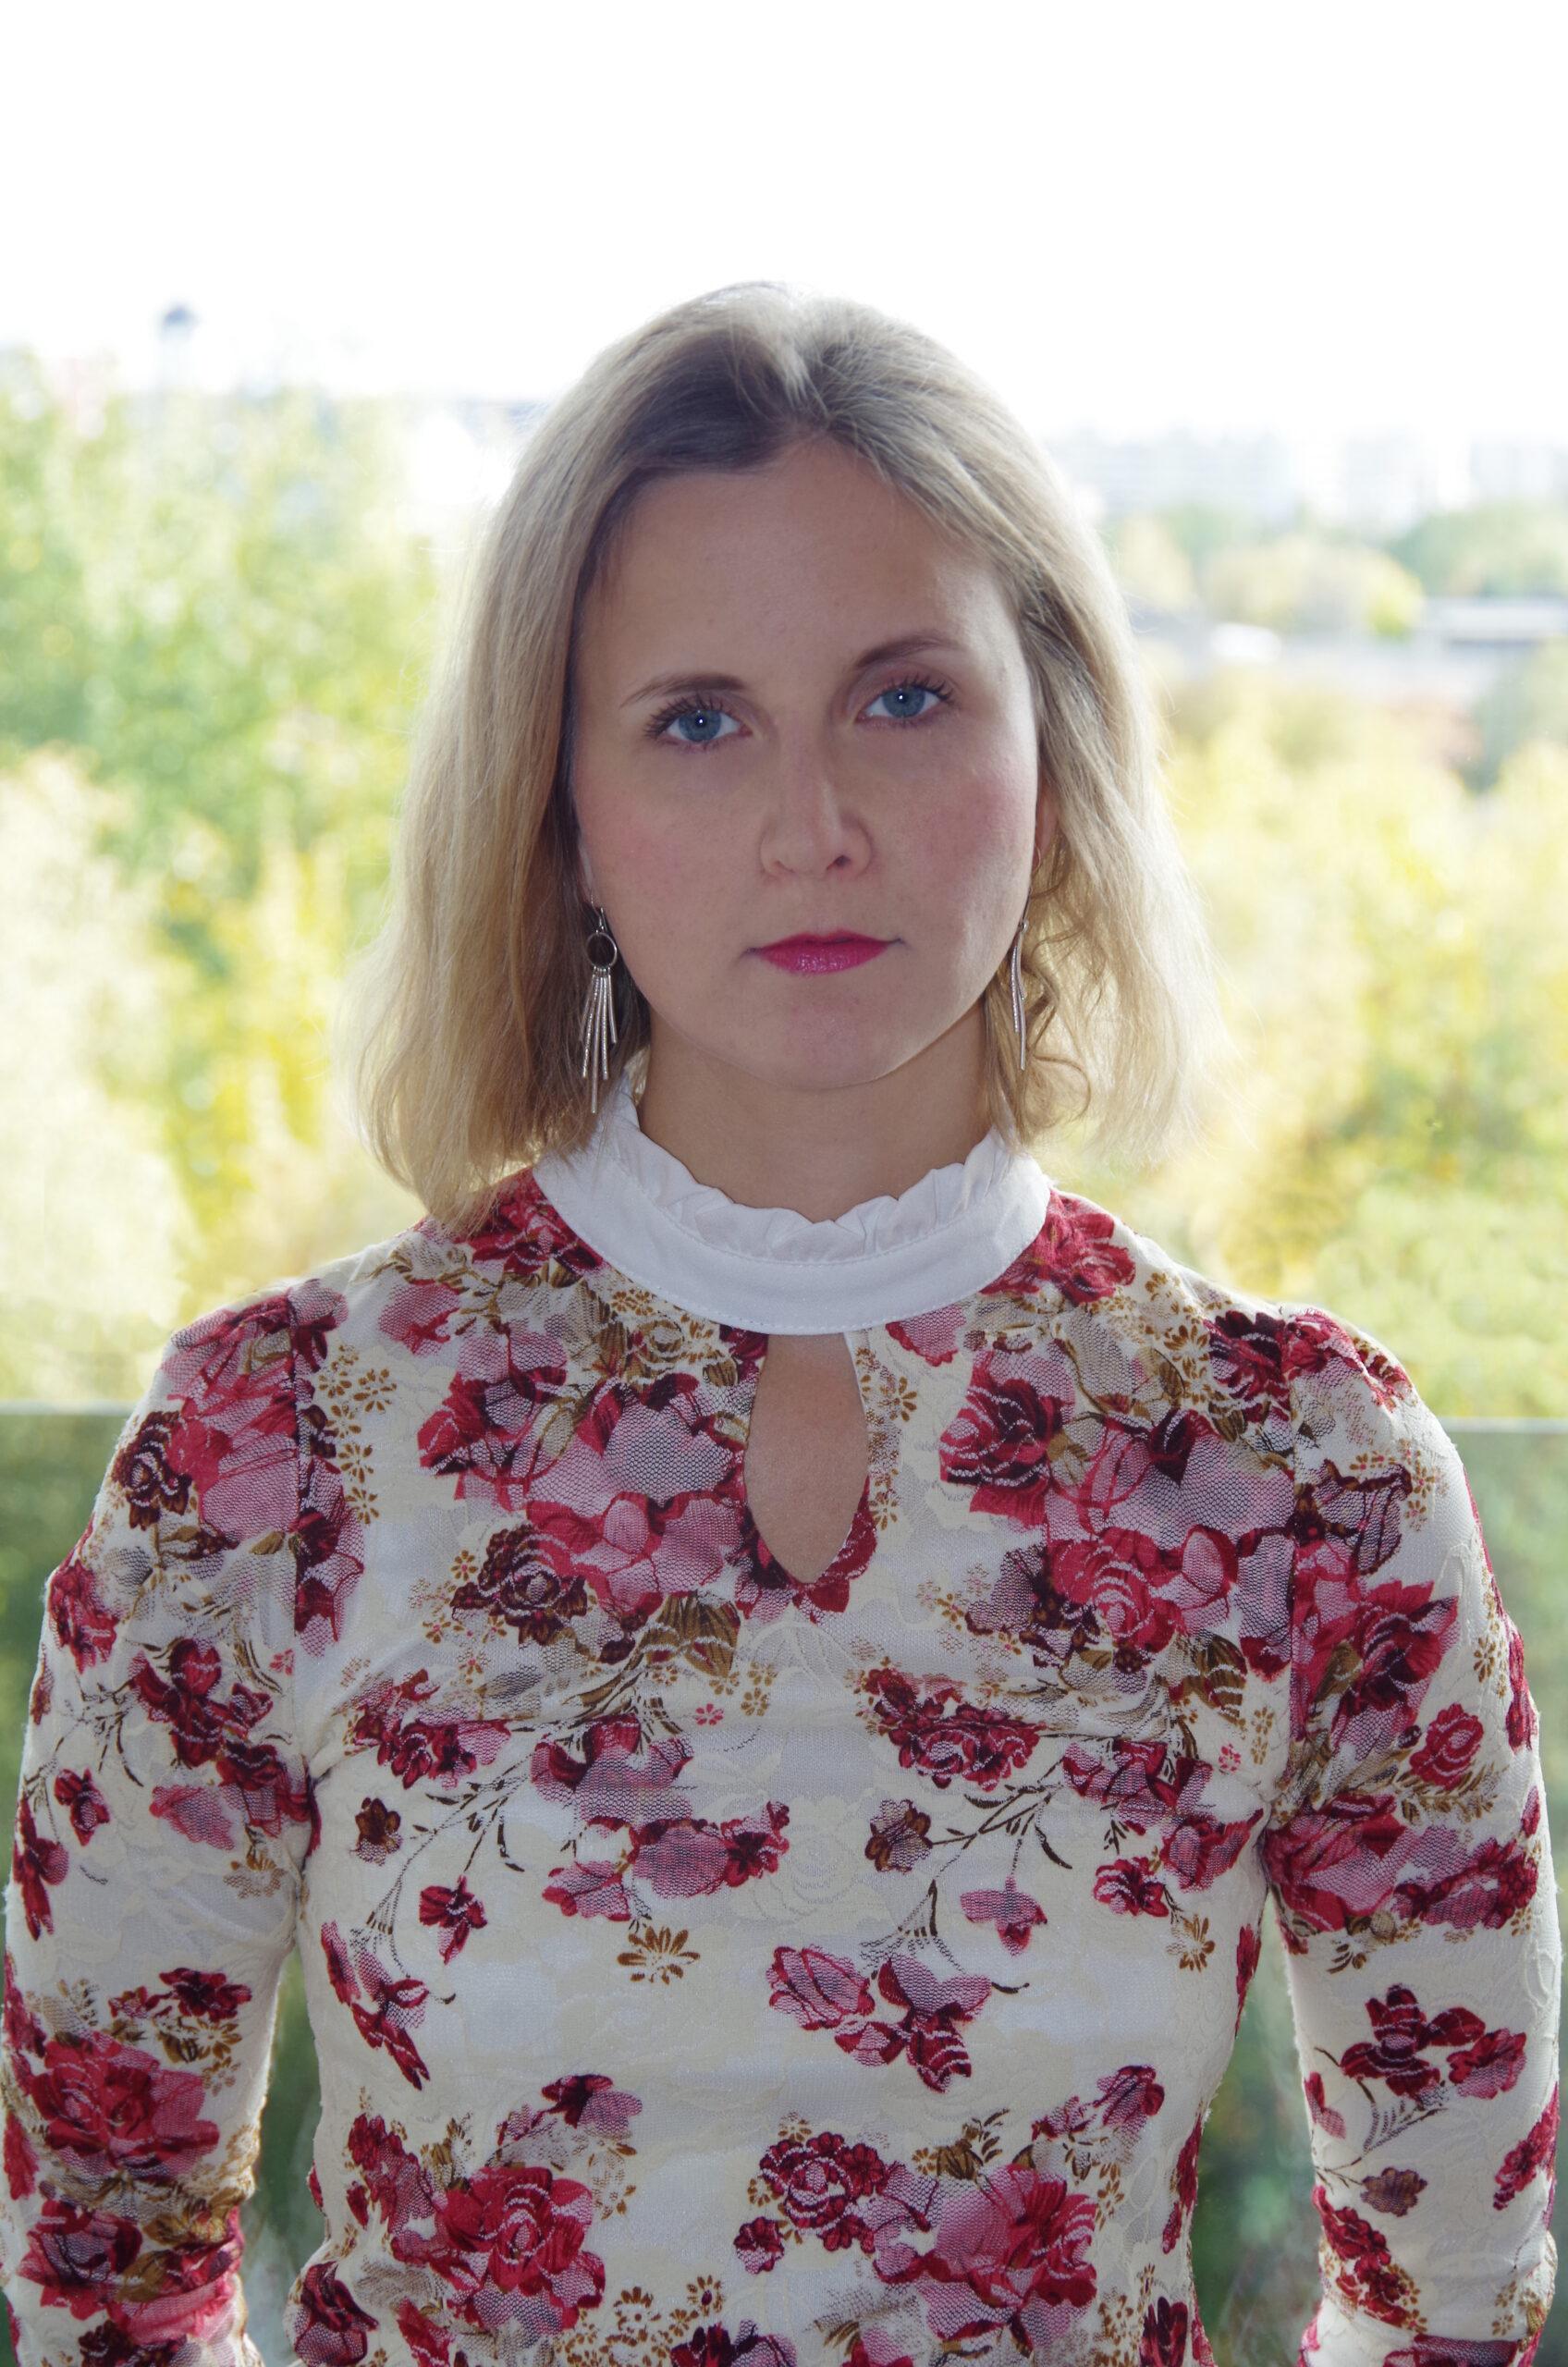 Jelena Pletnjova